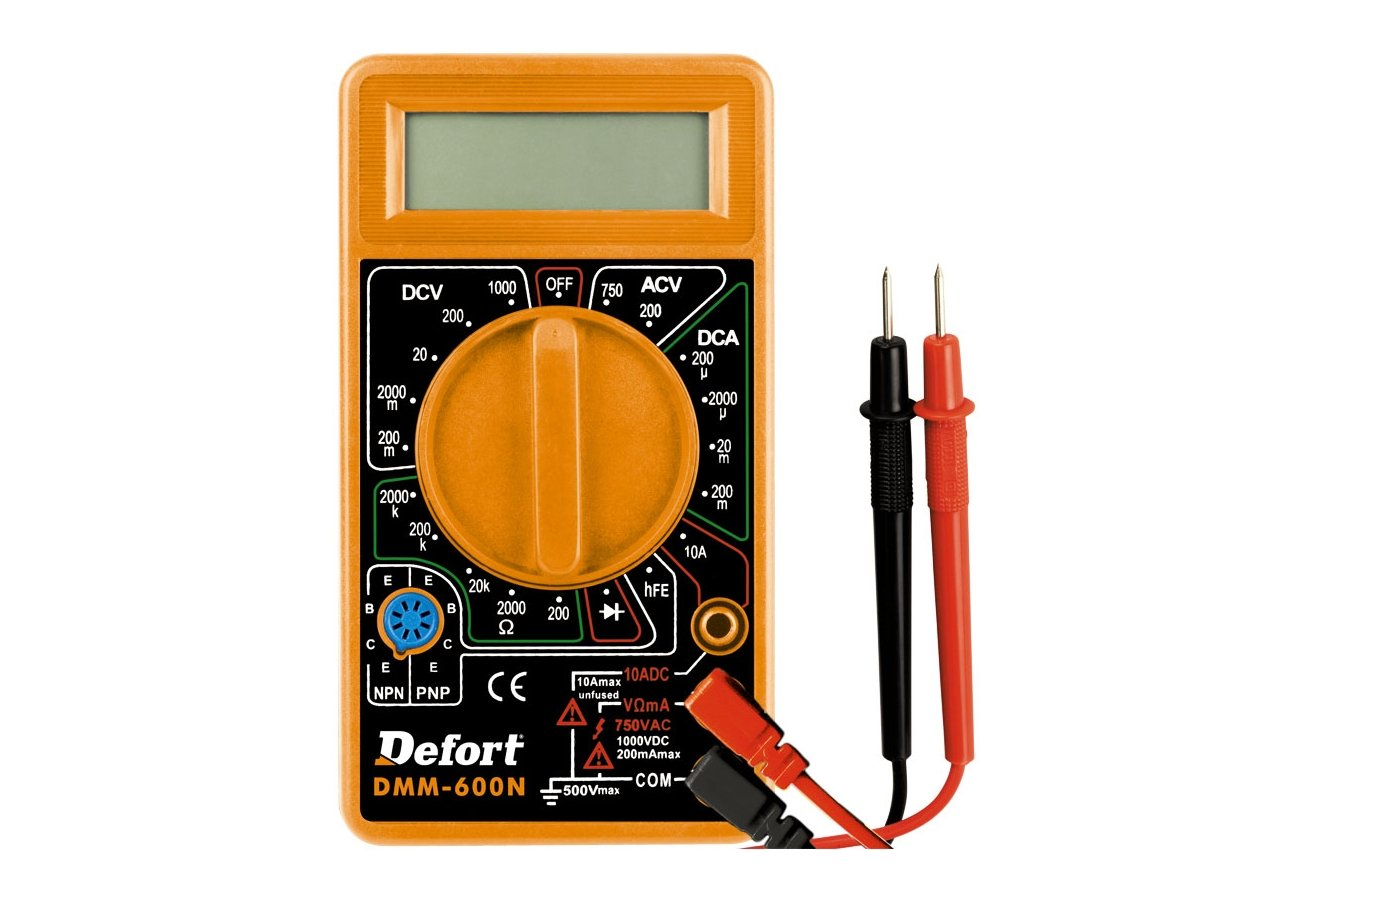 DEFORT DMM-600N